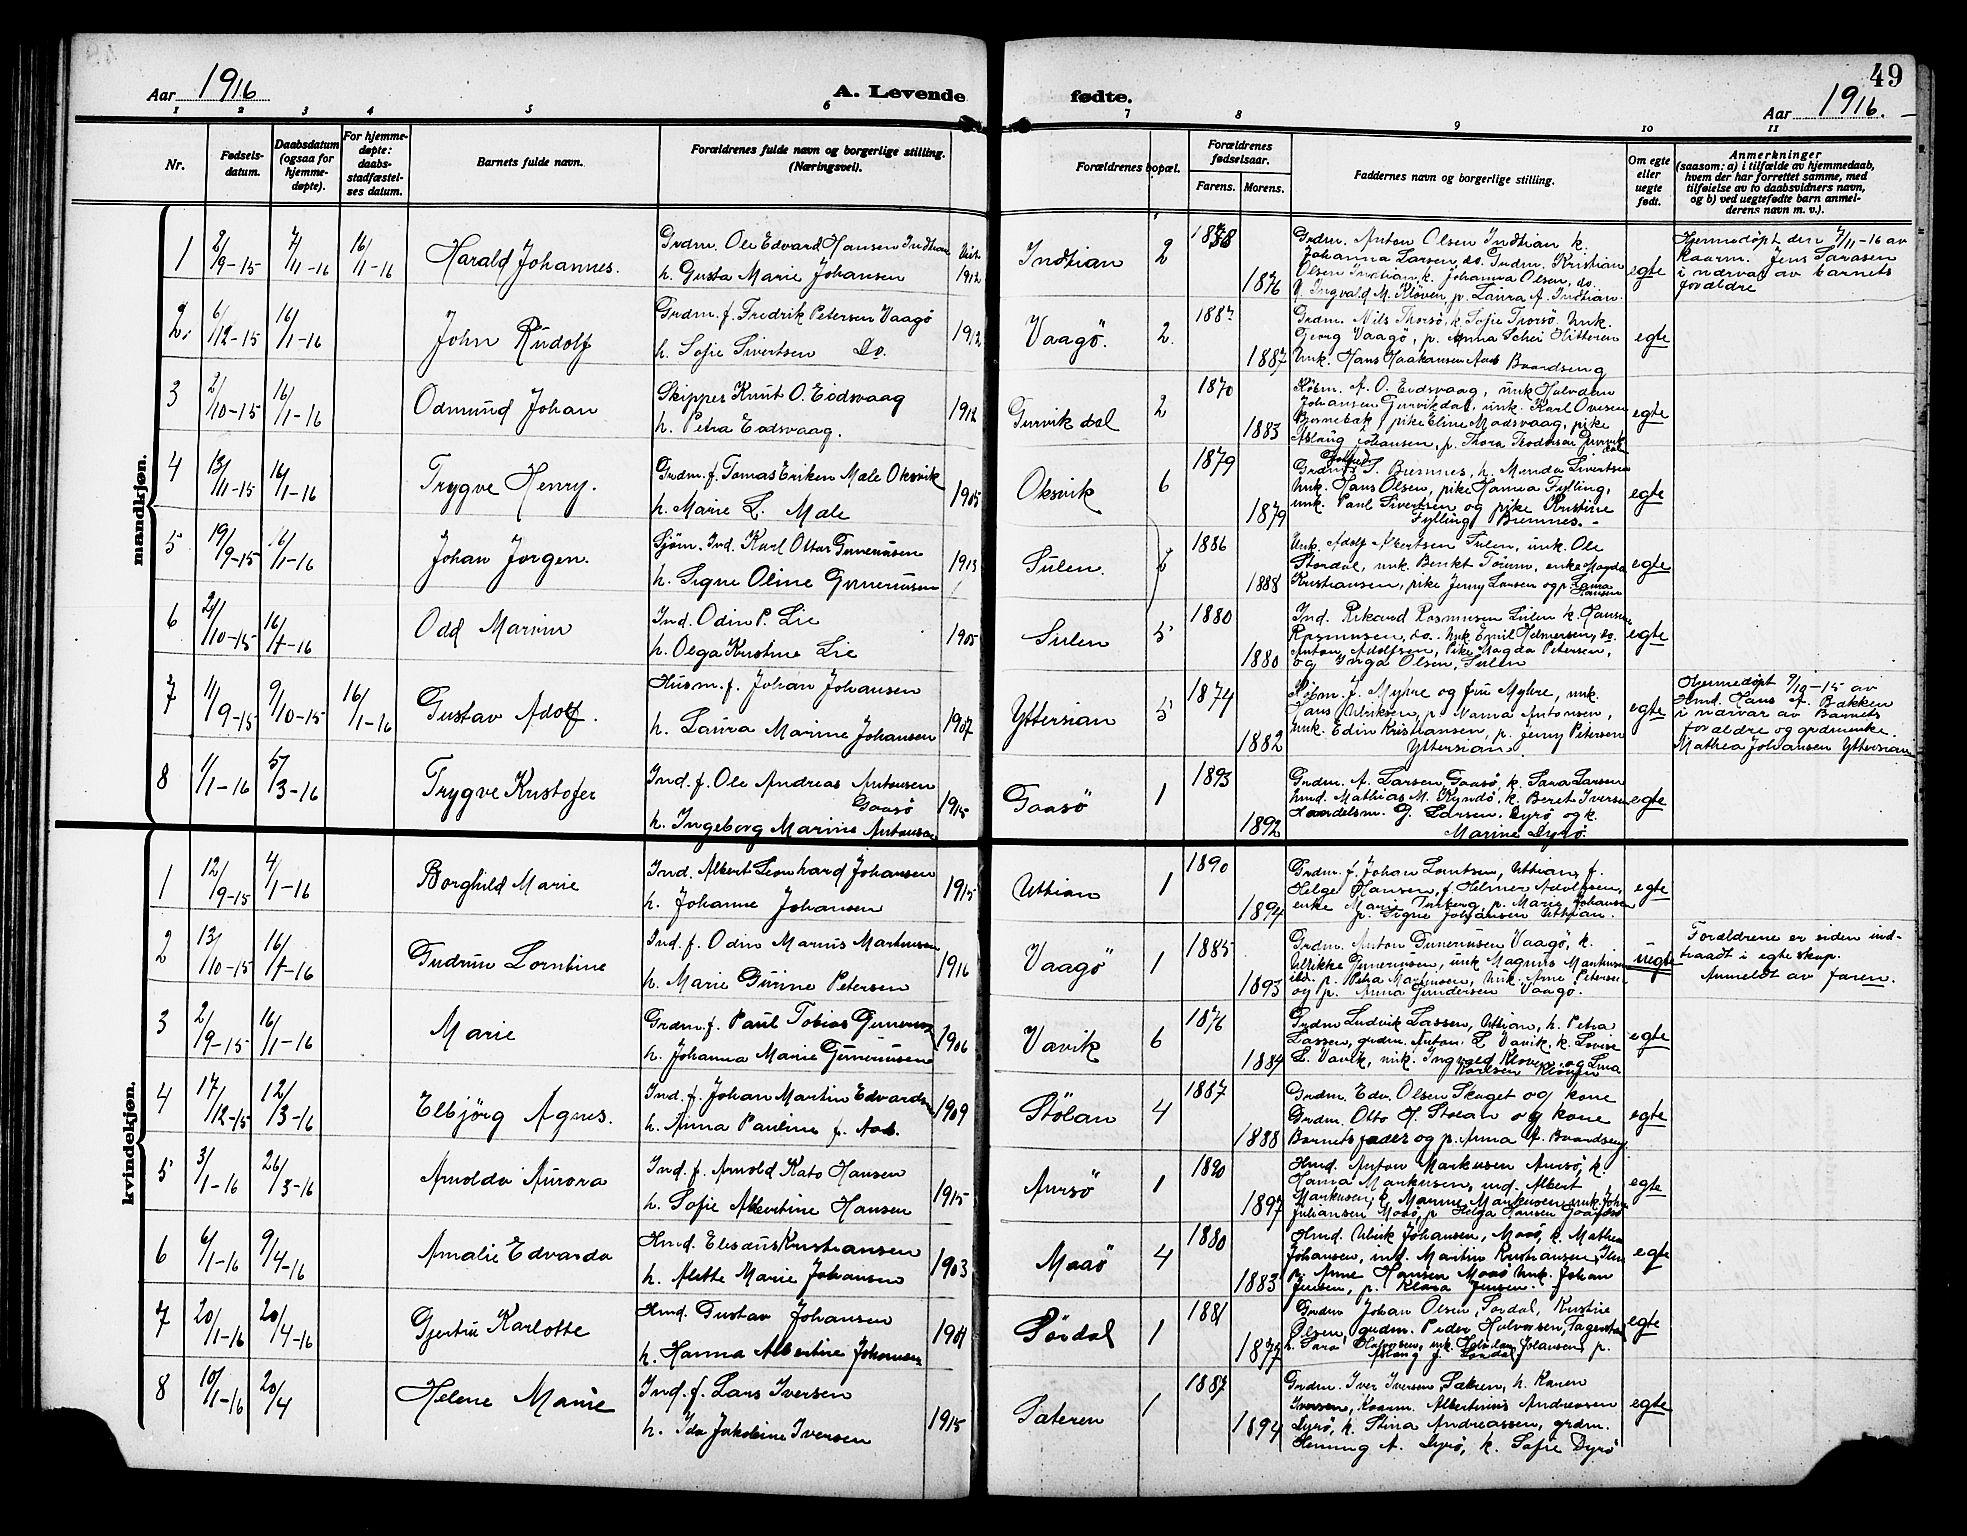 SAT, Ministerialprotokoller, klokkerbøker og fødselsregistre - Sør-Trøndelag, 640/L0588: Klokkerbok nr. 640C05, 1909-1922, s. 49